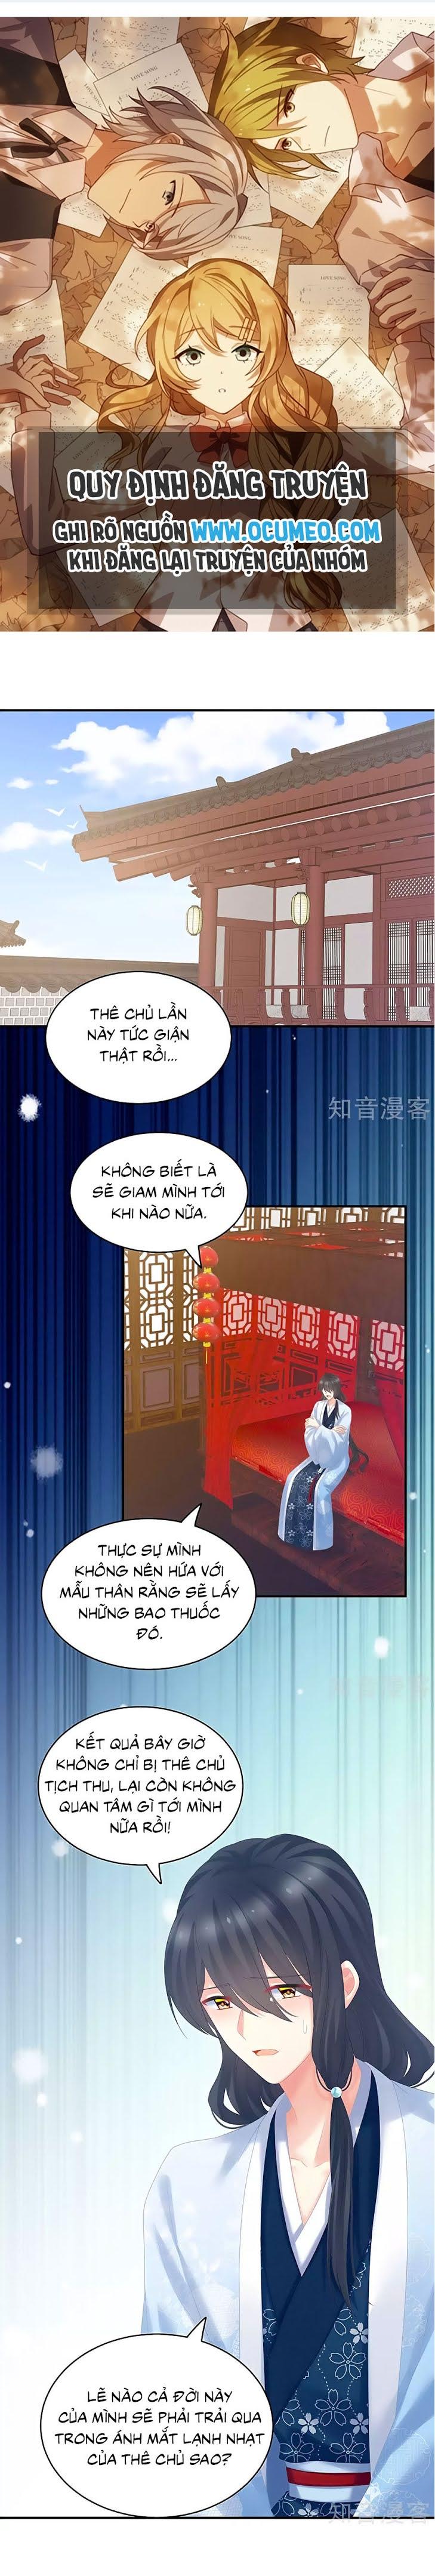 Hậu Cung Của Nữ Đế Chapter 214 - upload bởi truyensieuhay.com